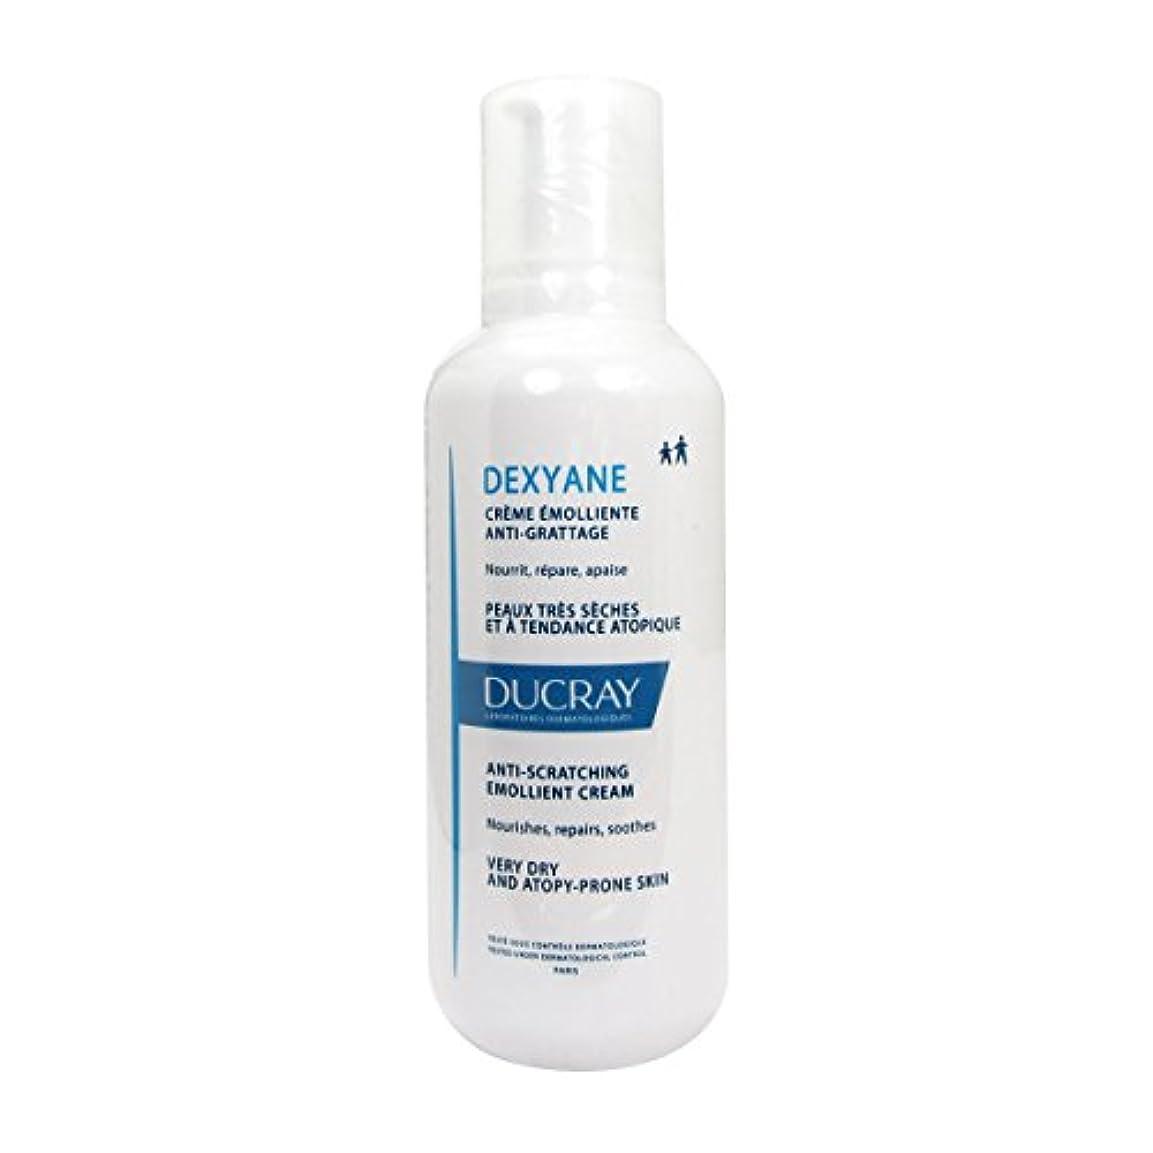 シャンパン致命的現れるDucray Dexyane Anti-scratching Emollient Cream 400ml [並行輸入品]